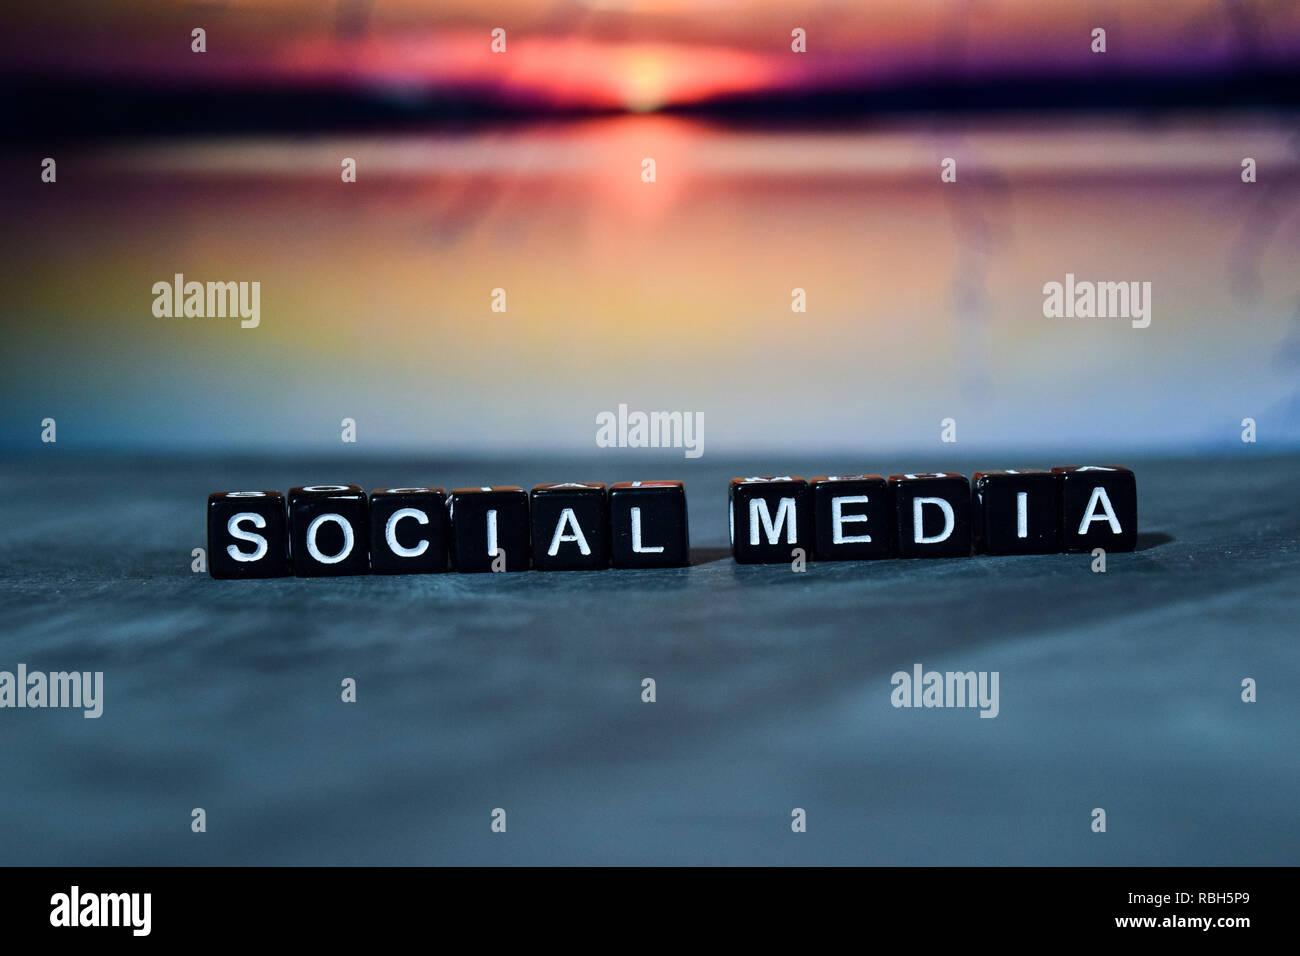 Social media su blocchi di legno. Croce immagine elaborata con sfondo bokeh di fondo Immagini Stock